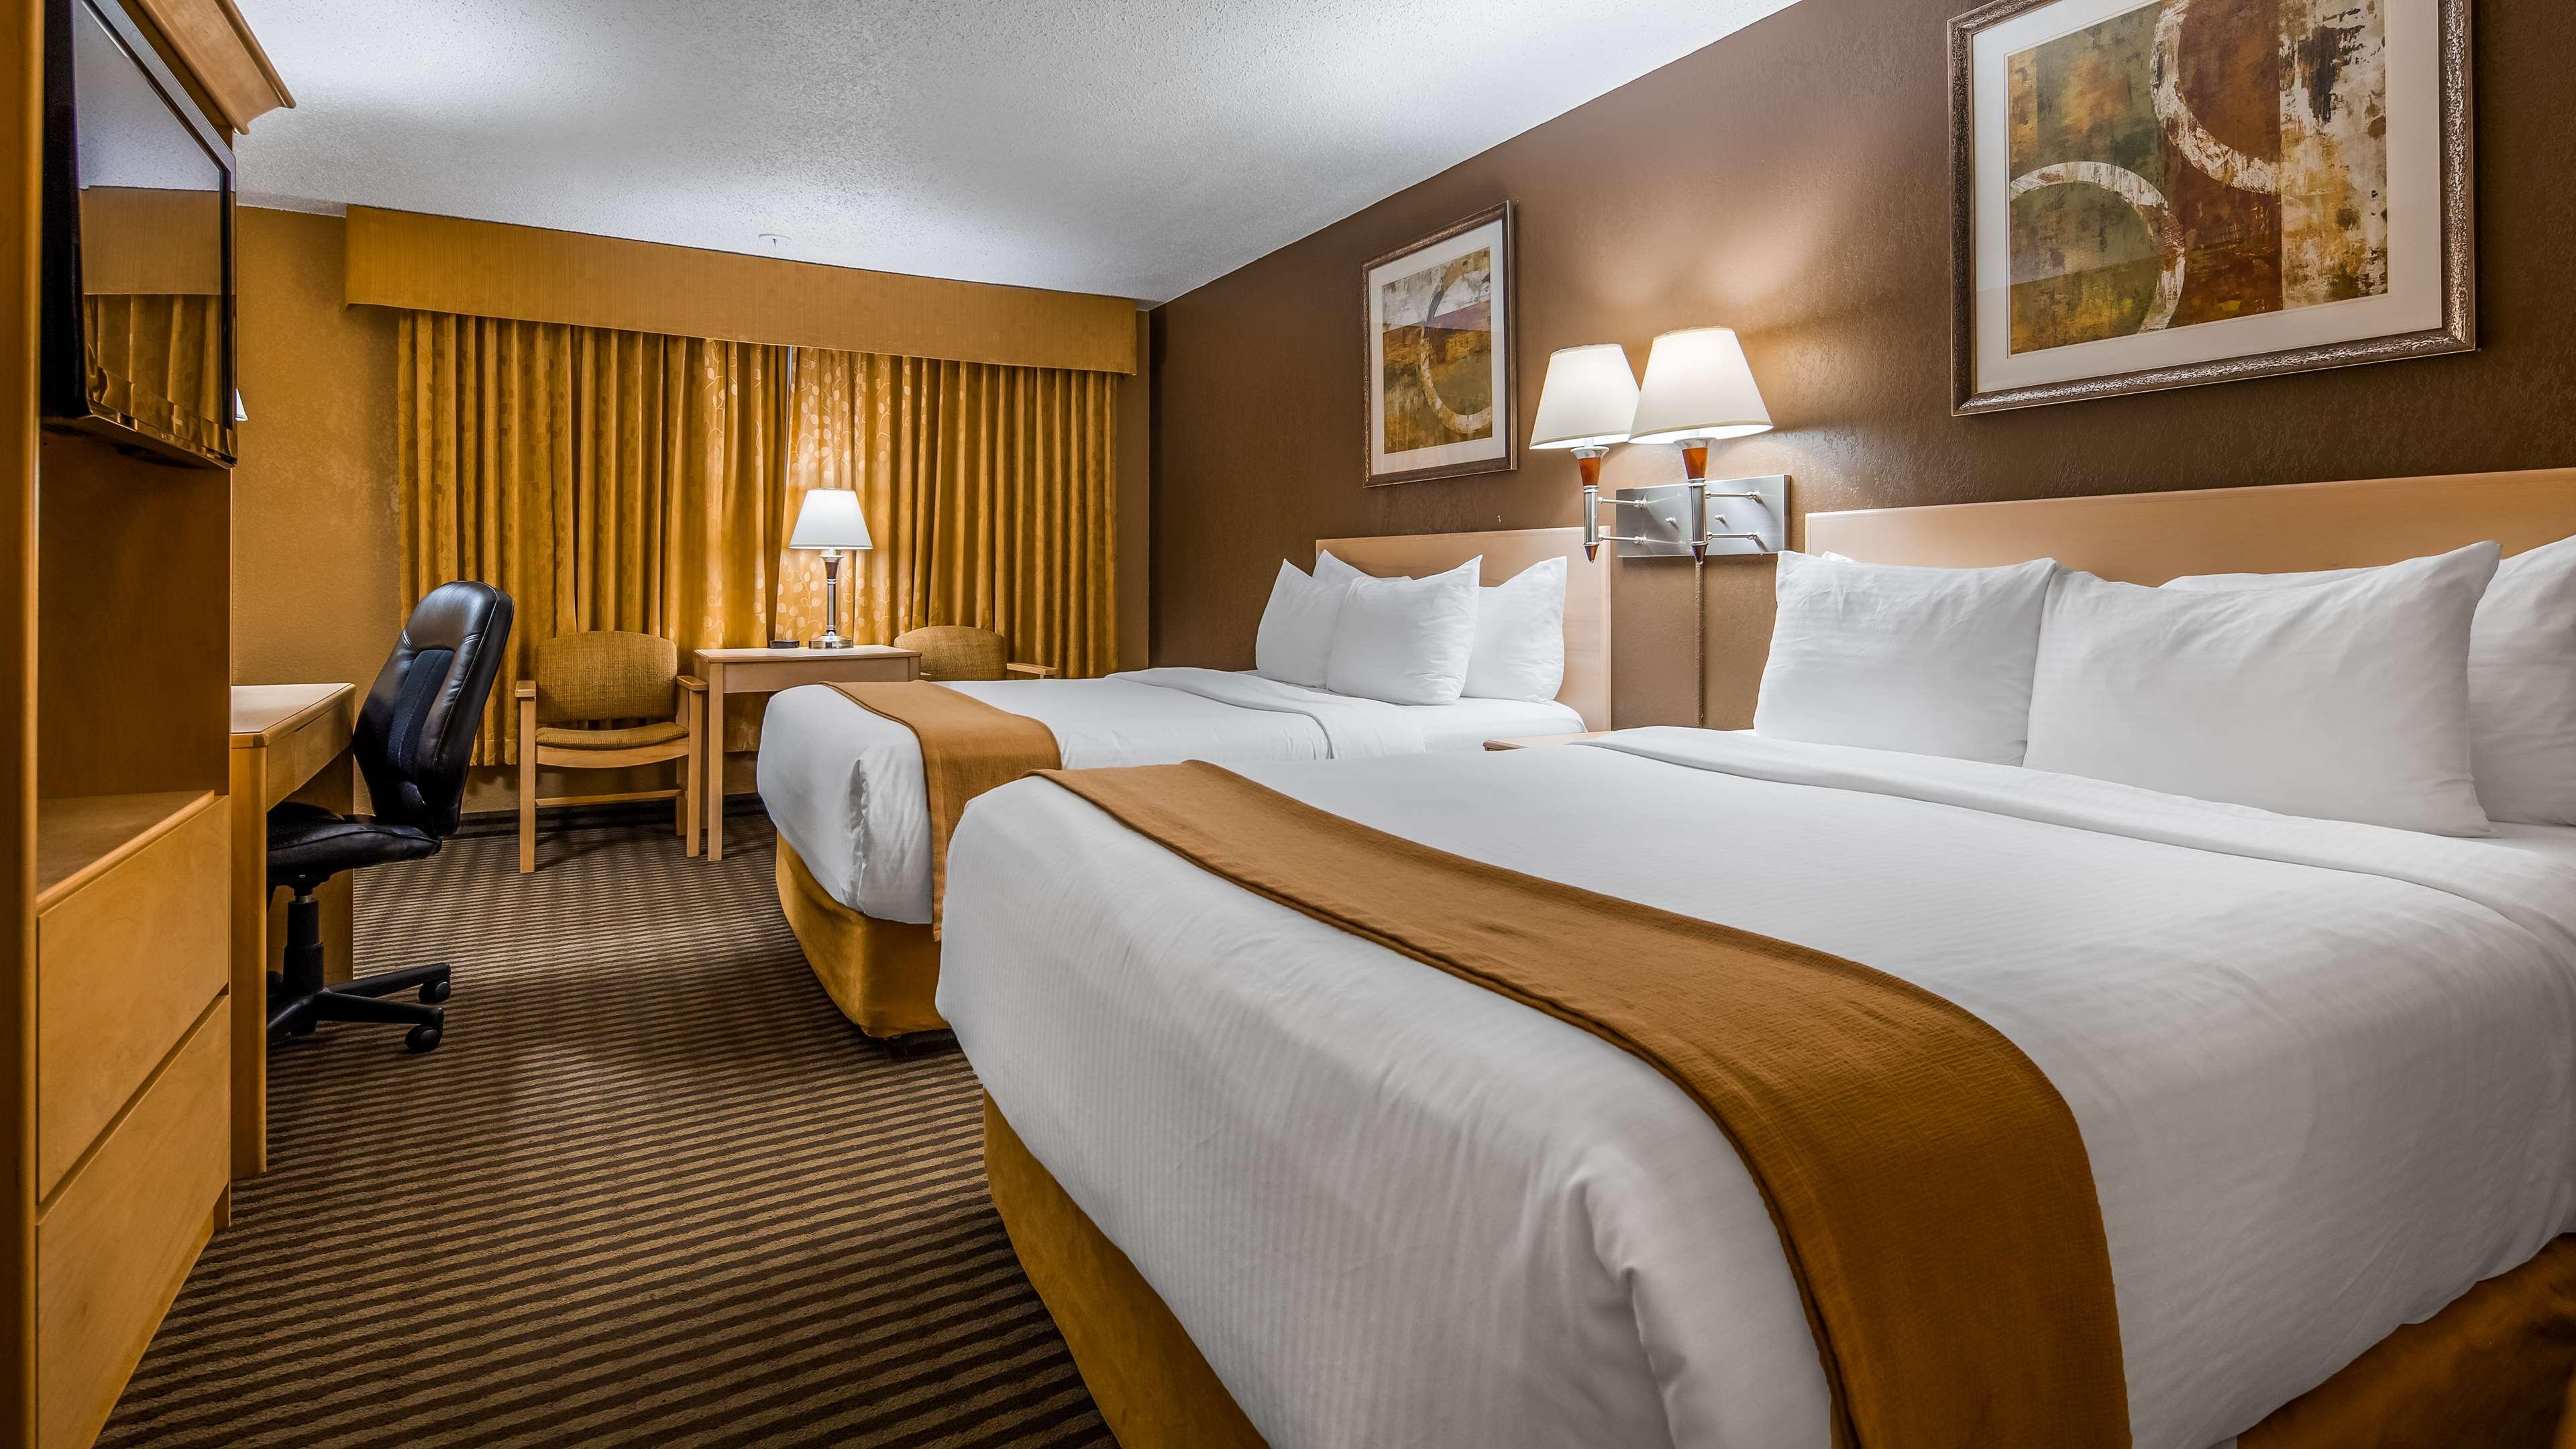 SureStay Plus Hotel by Best Western Seven Oaks in Regina: 2 Doubles